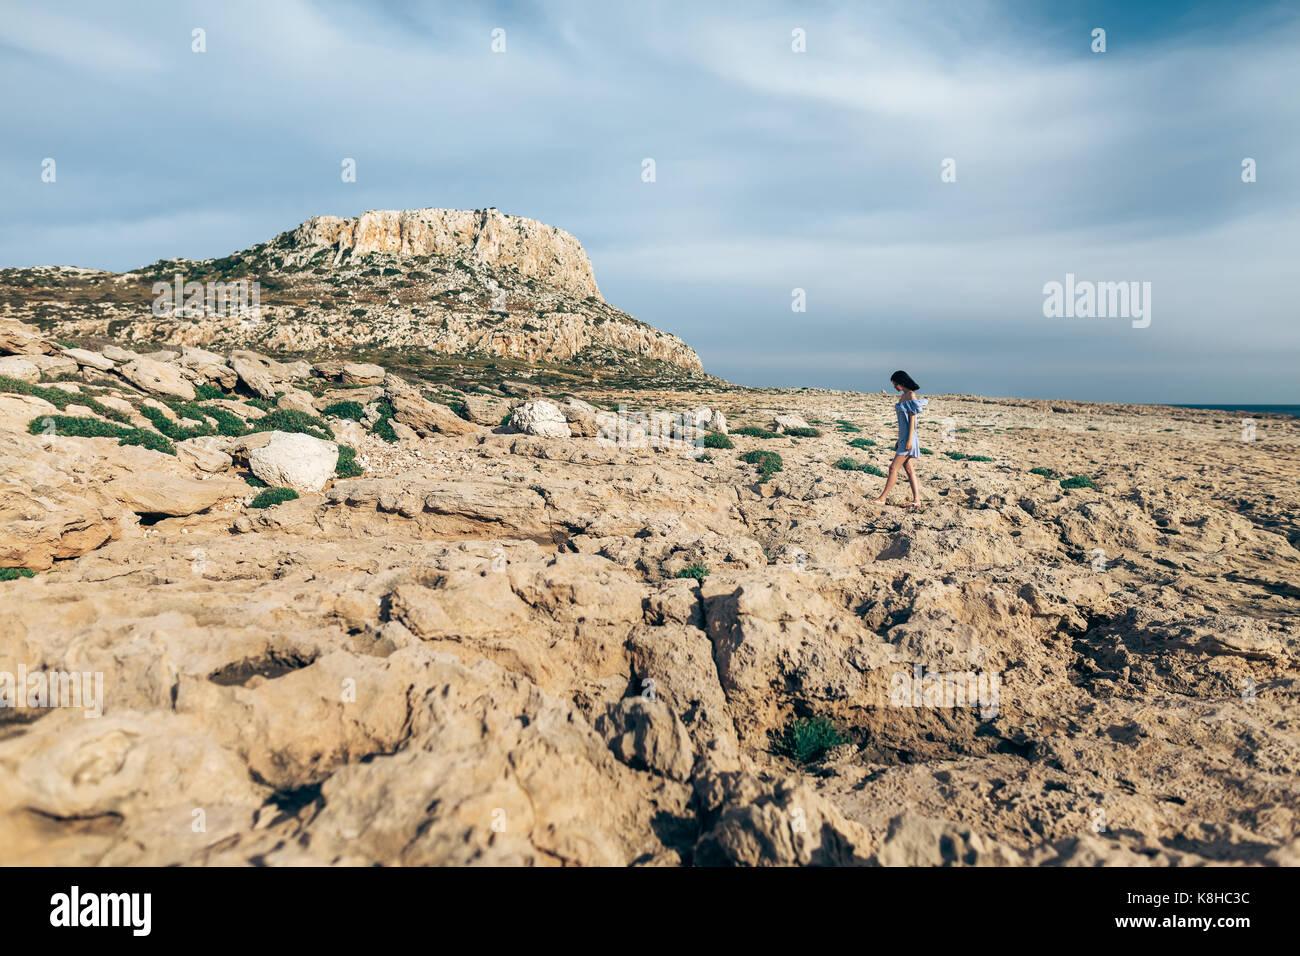 Hermosa mujer sola caminando sobre un desierto rocoso con dramáticas sky Imagen De Stock